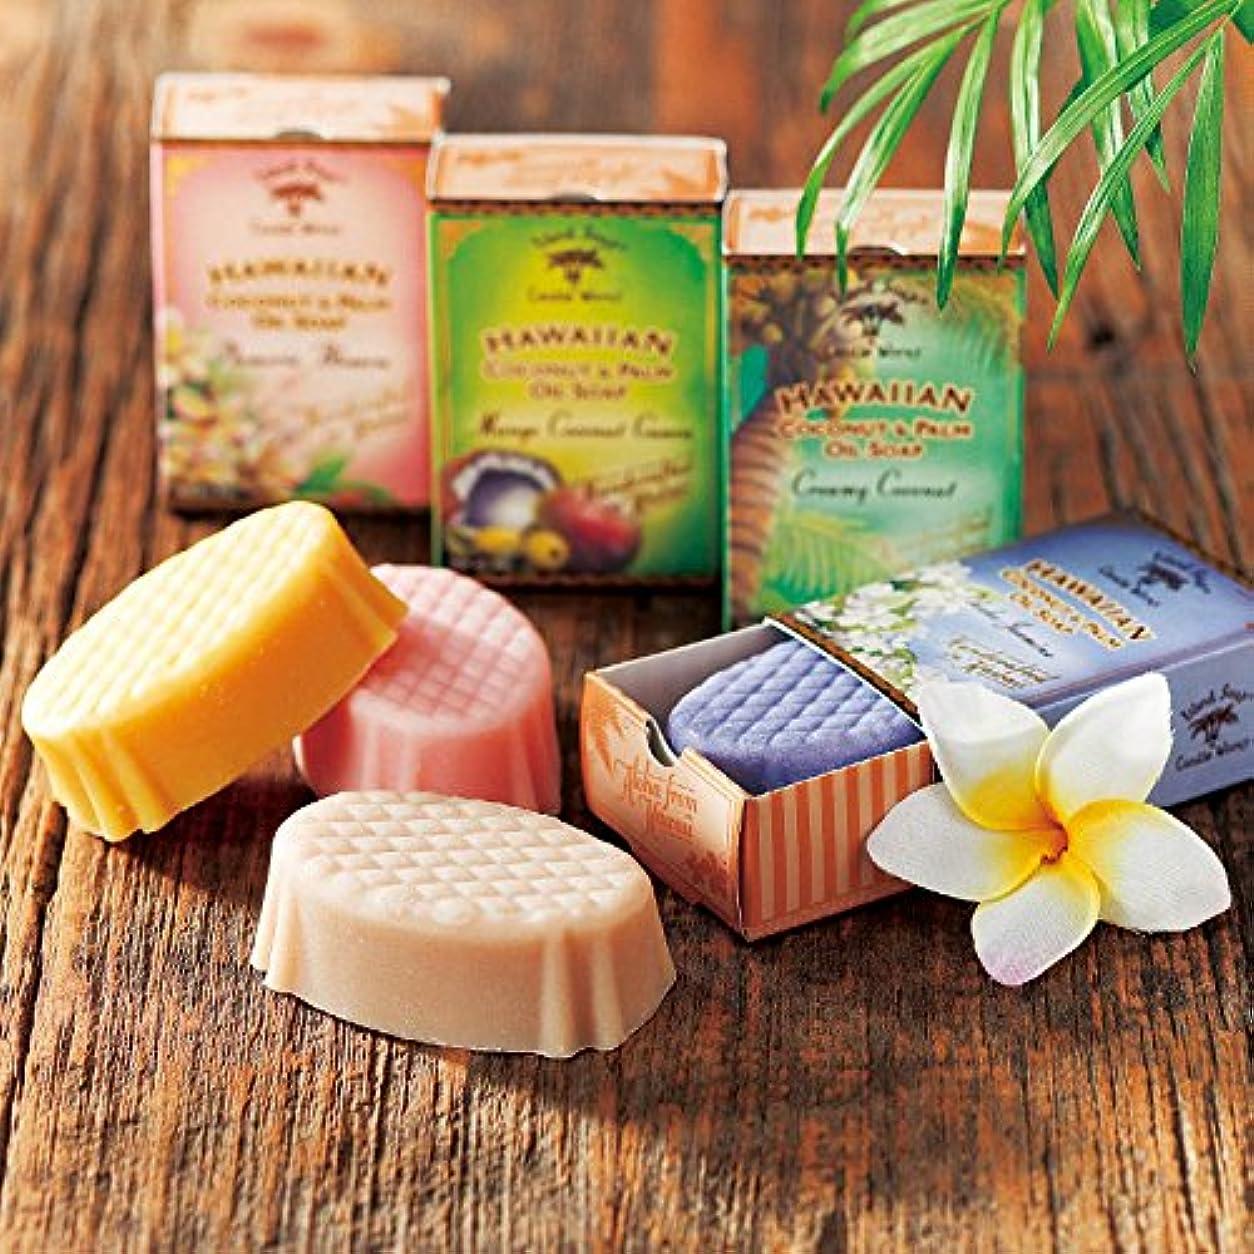 目指す小さな失態ハワイ 土産 アイランドソープ ココナッツソープ 4種セット (海外旅行 ハワイ お土産)